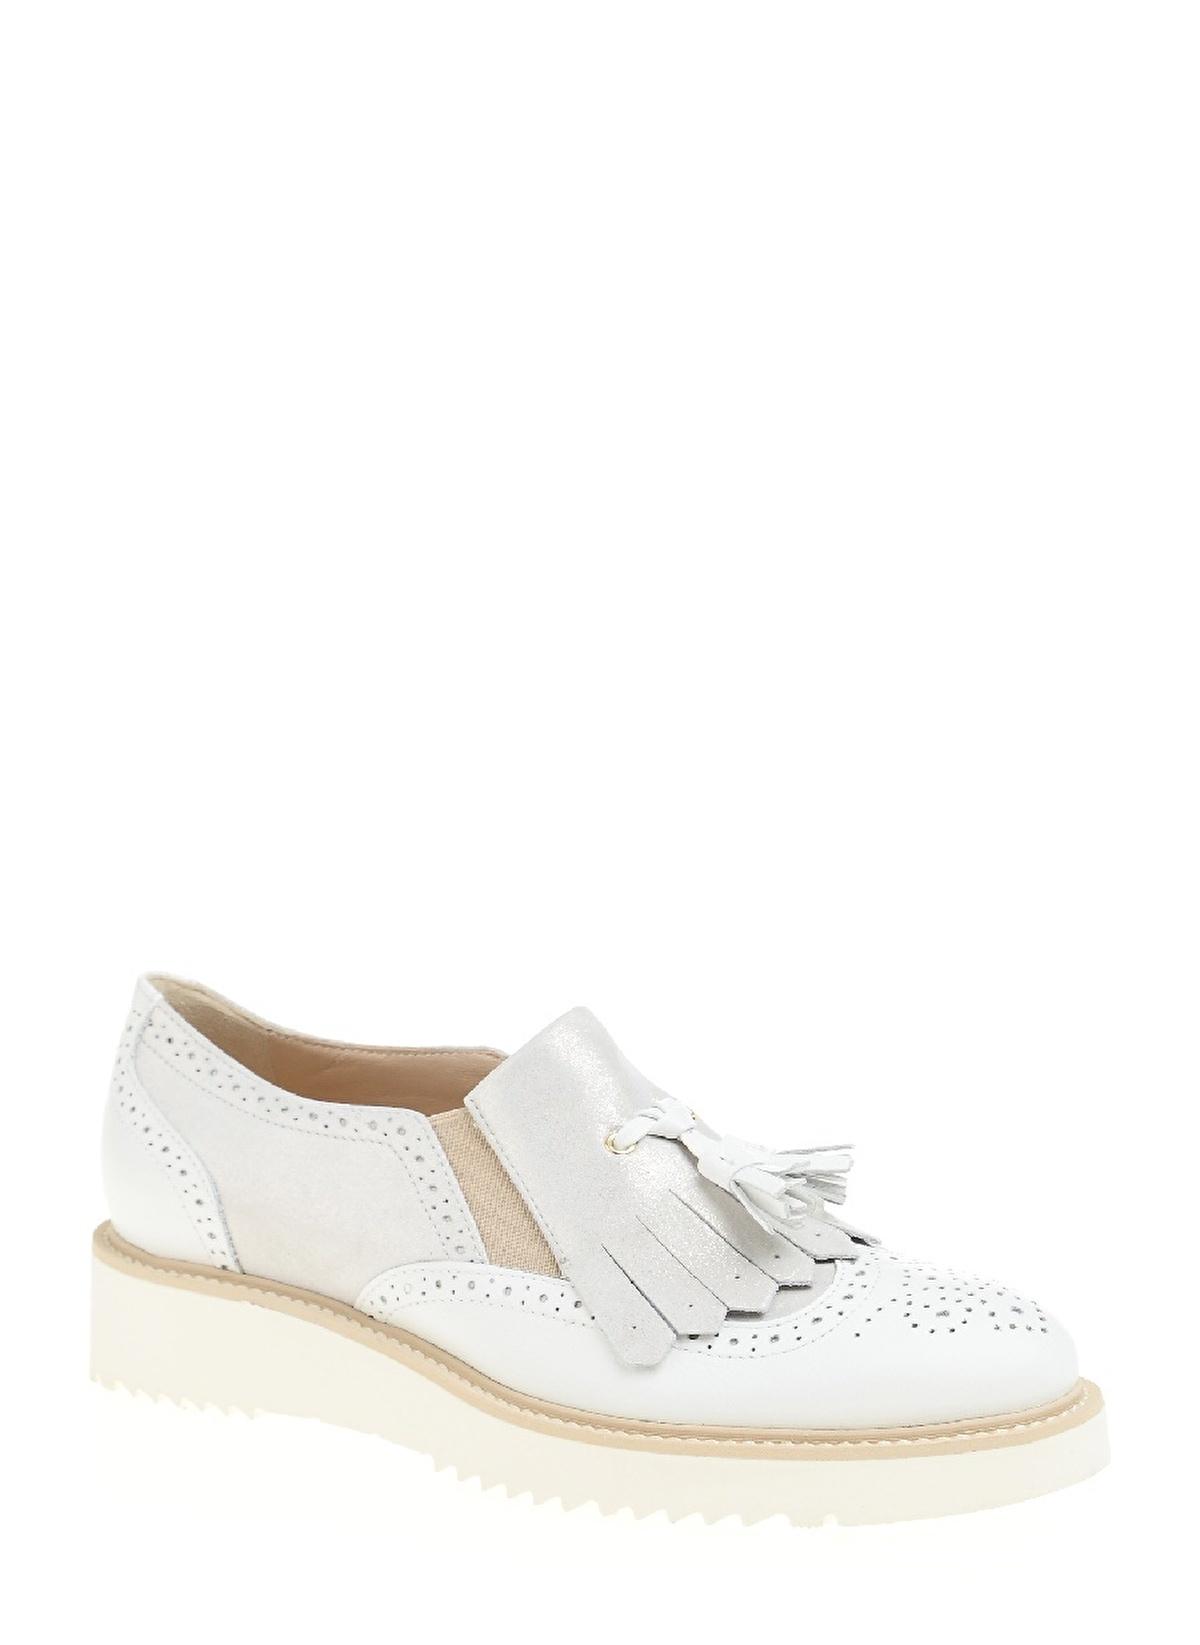 Divarese Püsküllü Oxford Ayakkabı 5019769 K Ayakkabı – 355.0 TL